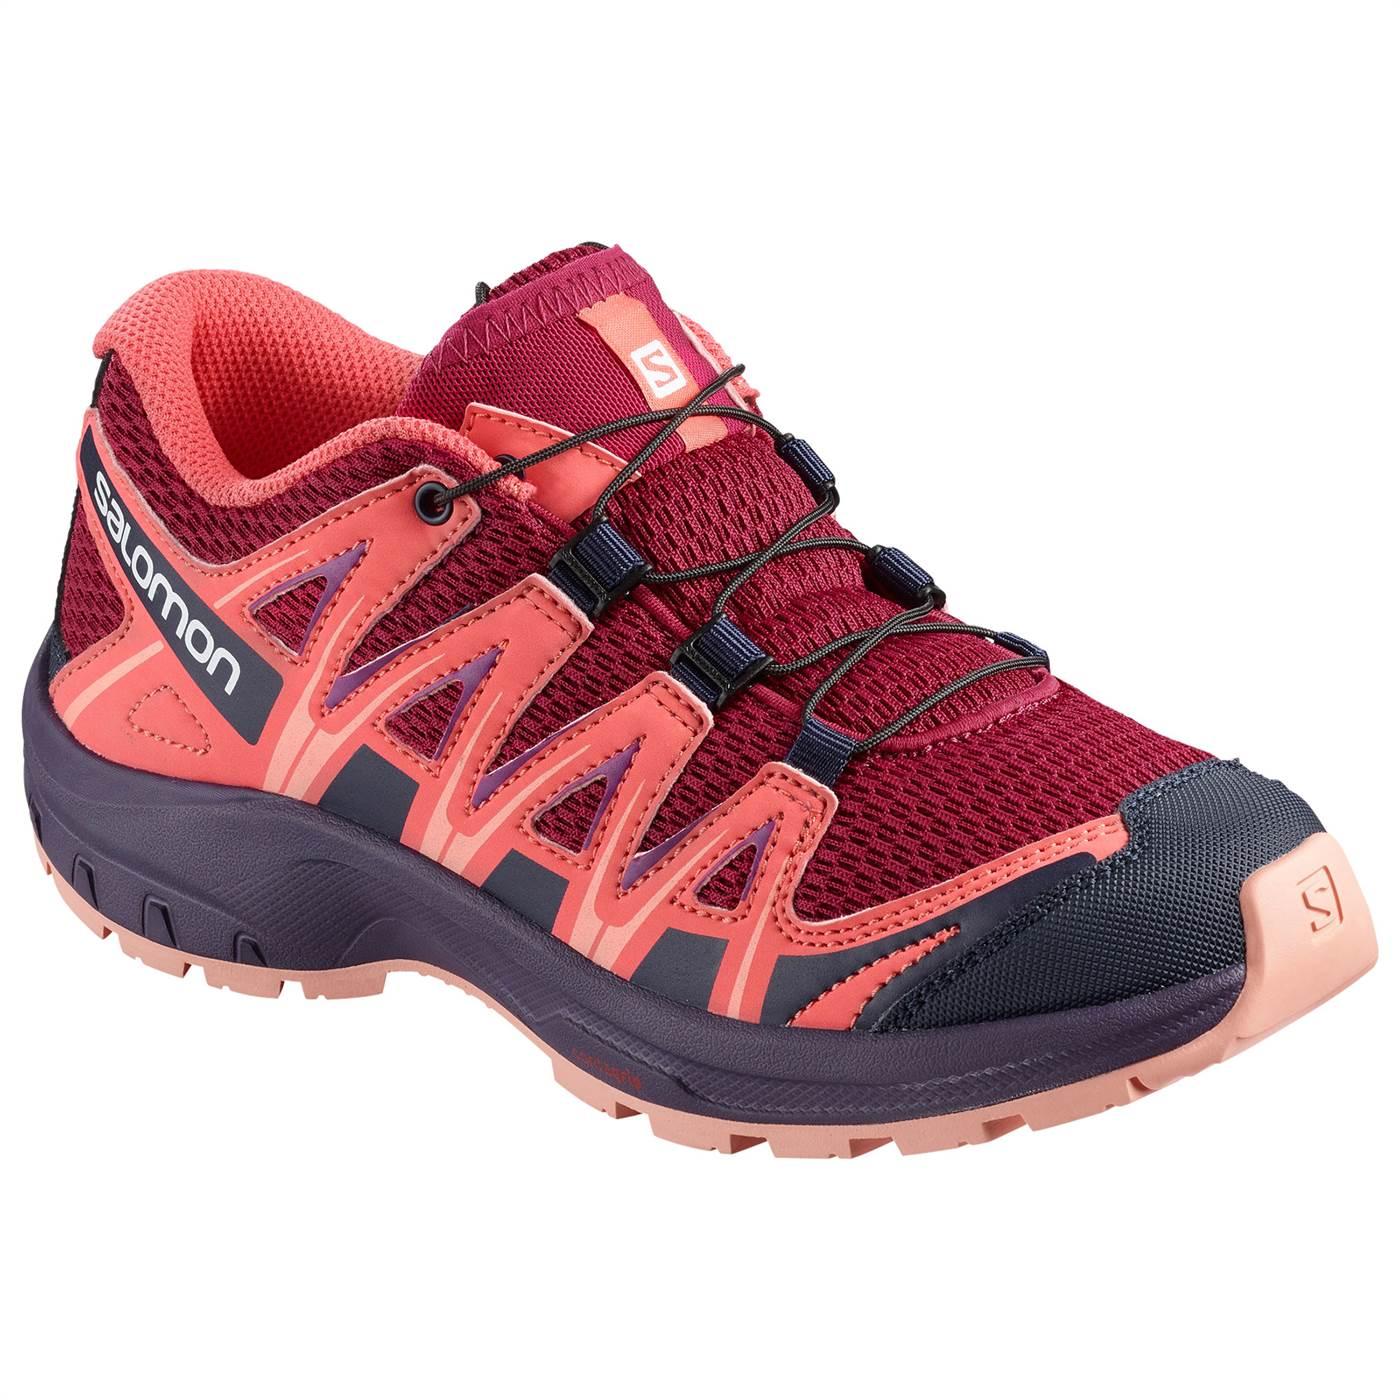 XA Pro 3D Shoe Cerise - Kids'